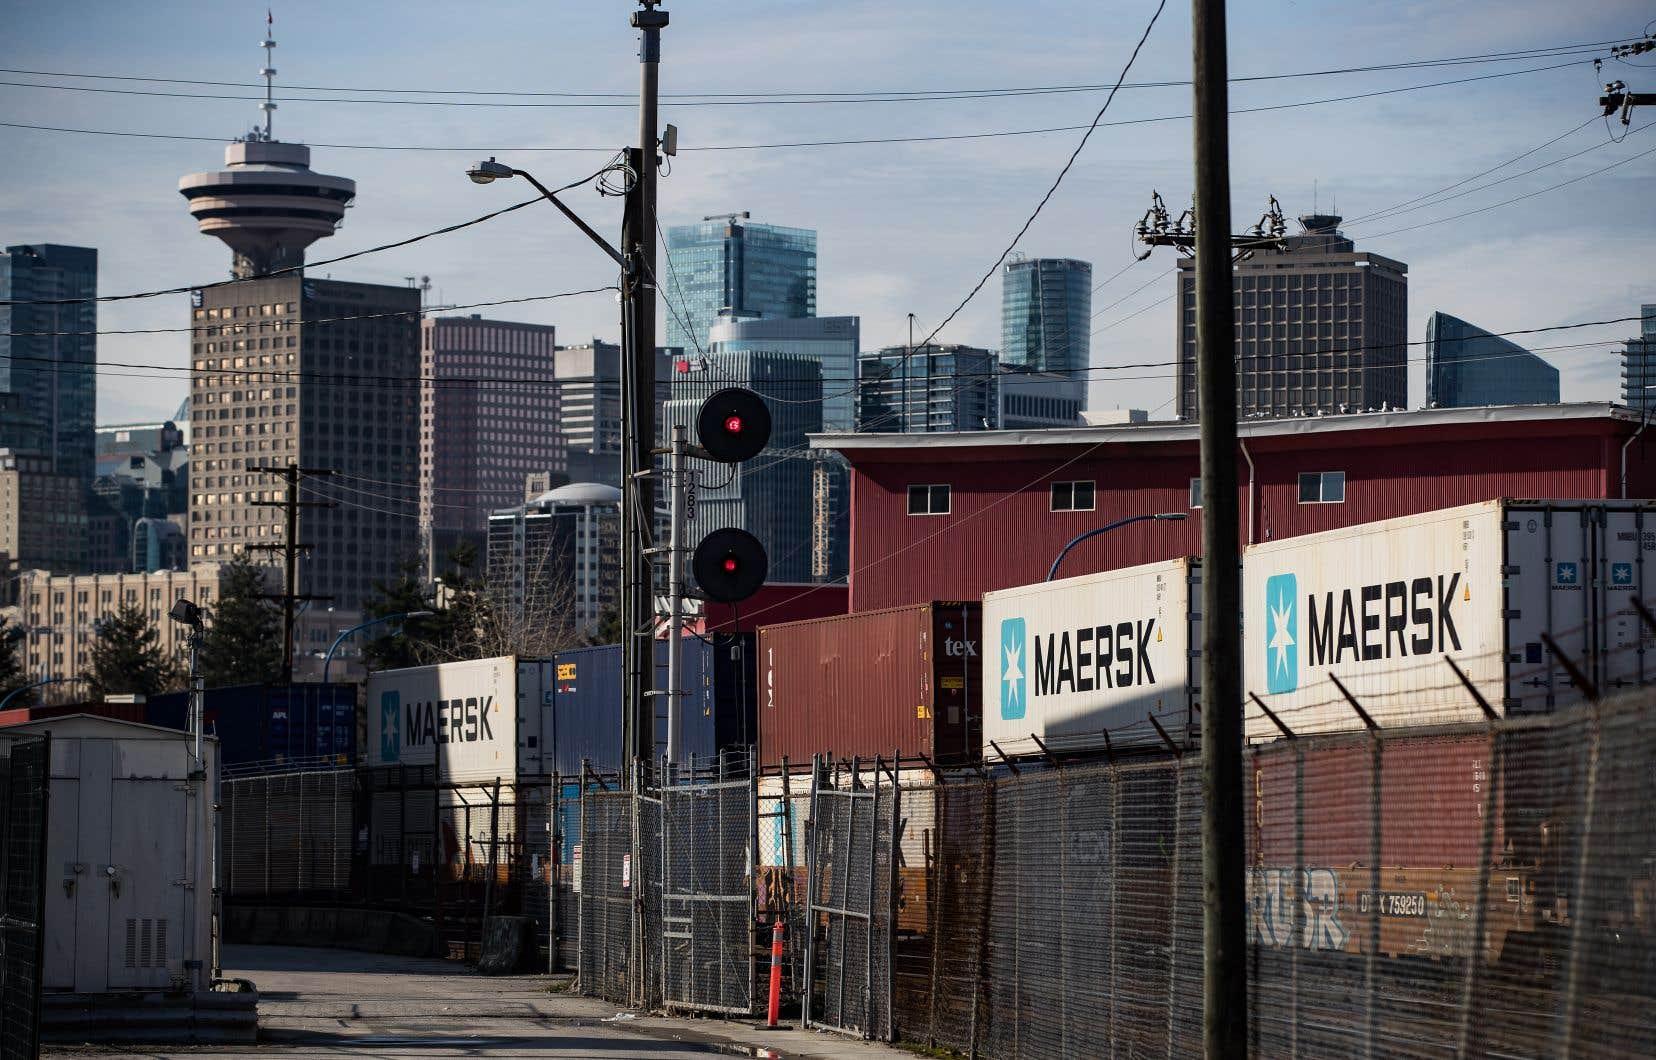 De nombreux conteneurs s'empilent dans le port de Vancouver, en raison de la paralysie du transport ferroviaire.